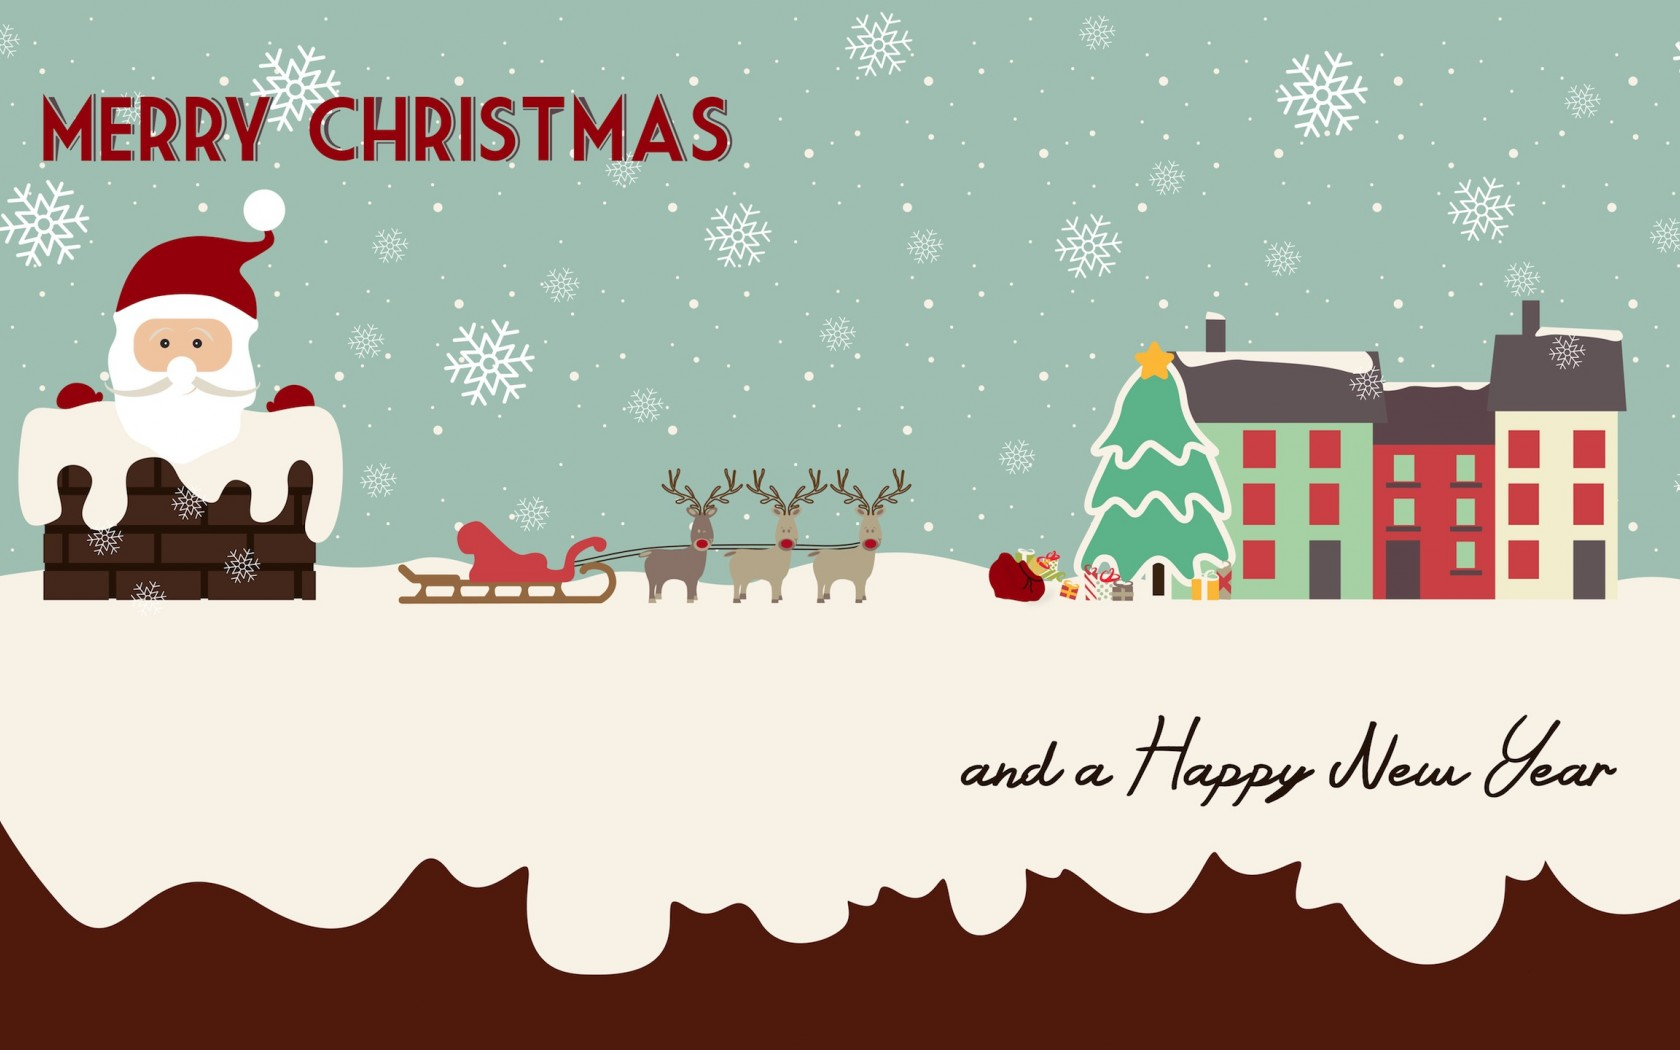 圣诞节可爱卡通风格ppt背景图片下载